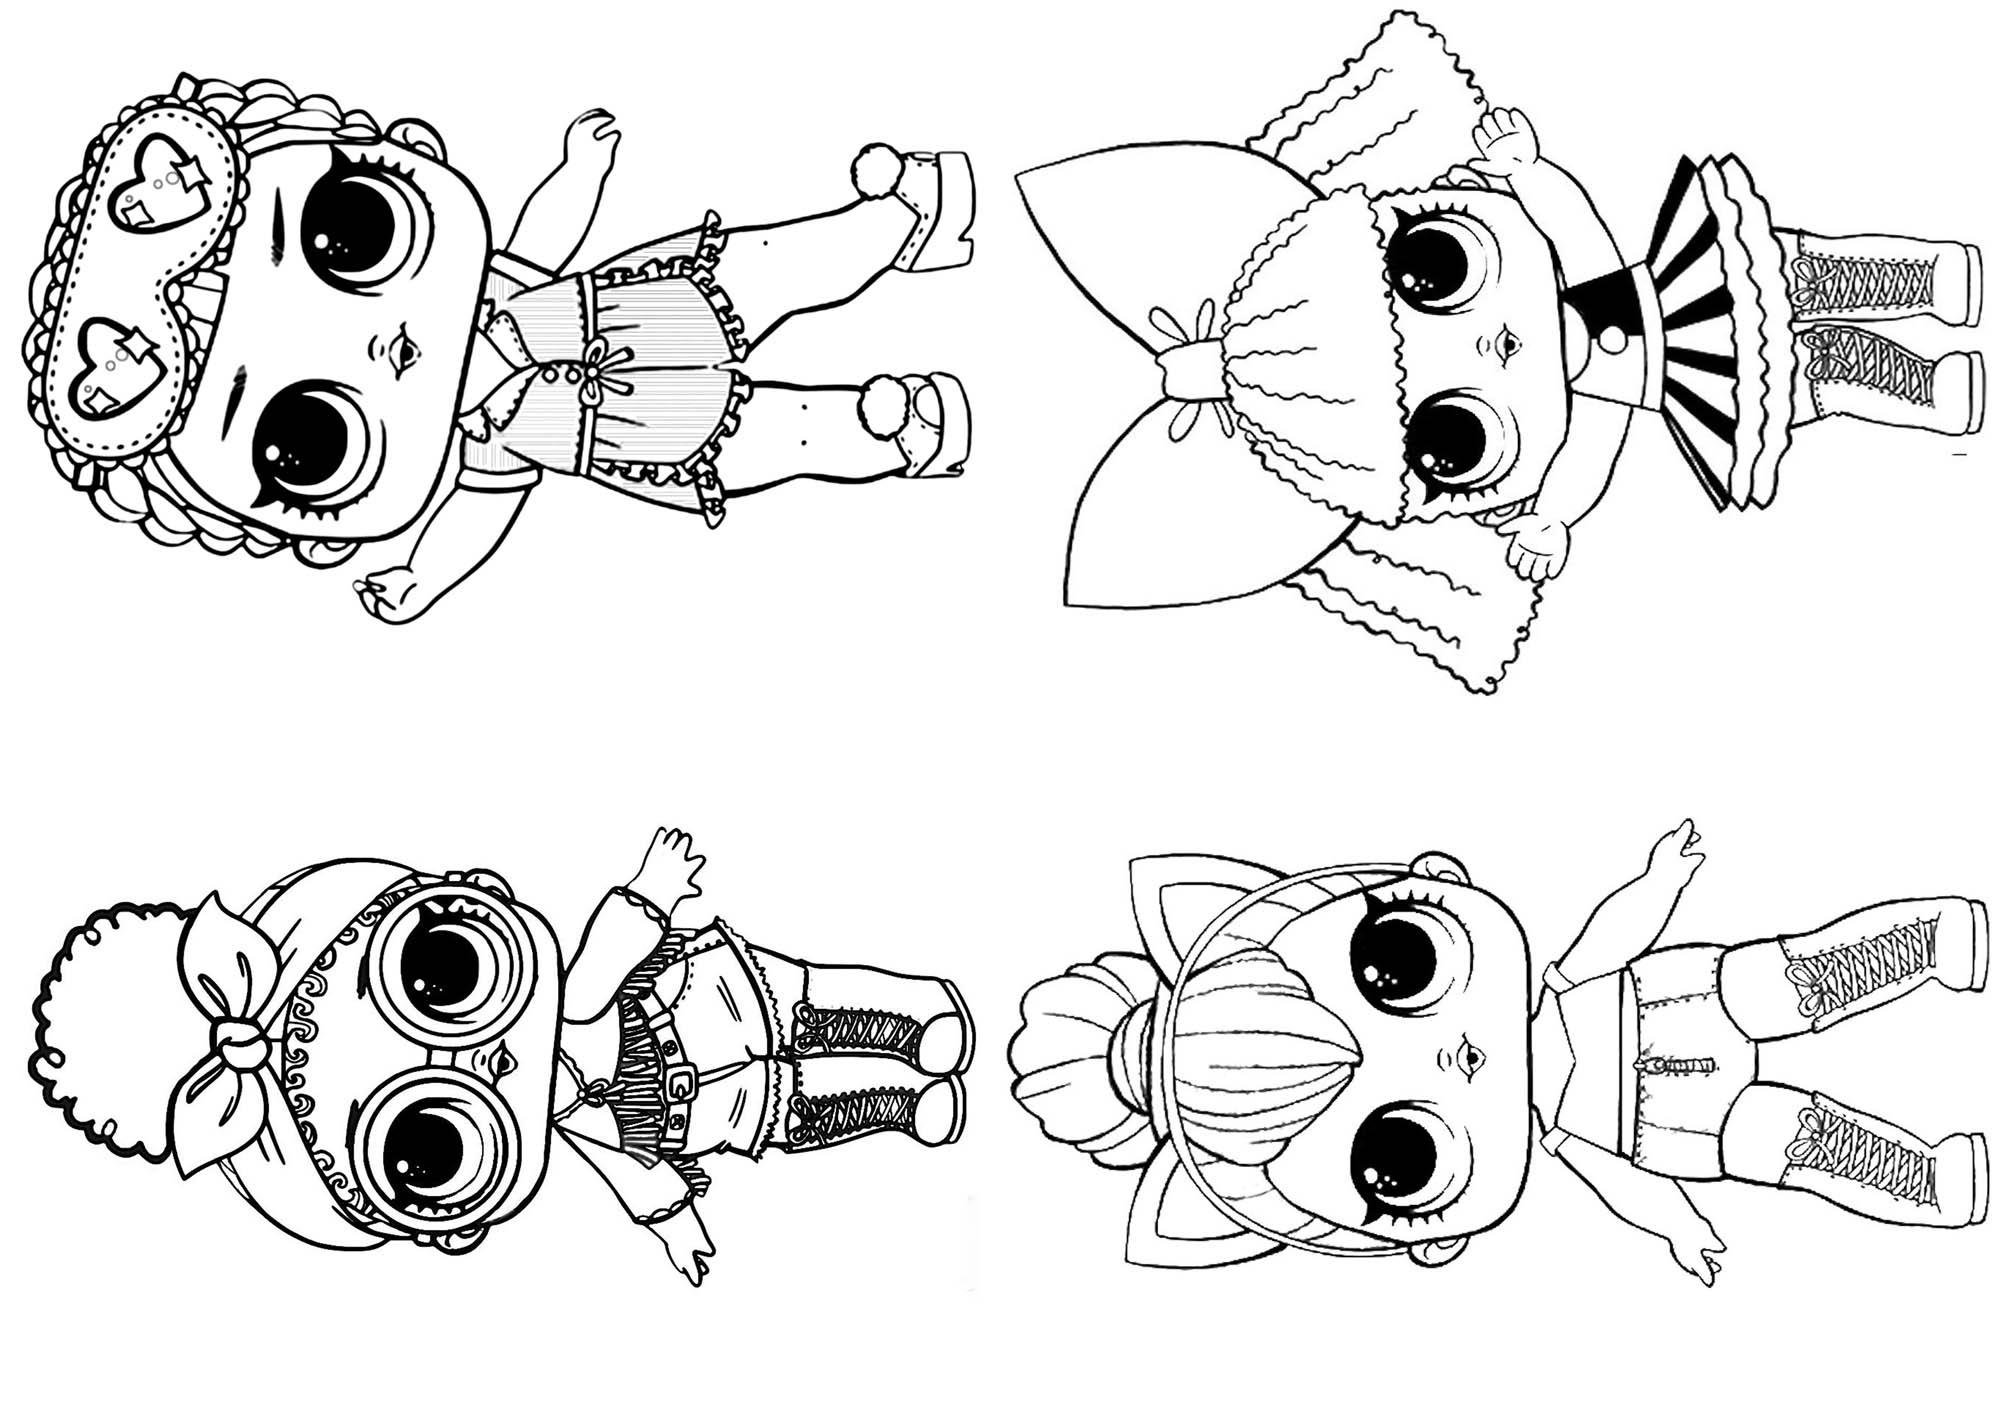 Imprimir Dibujos Para Colorear Munecas Lol Resultado De Imagen De